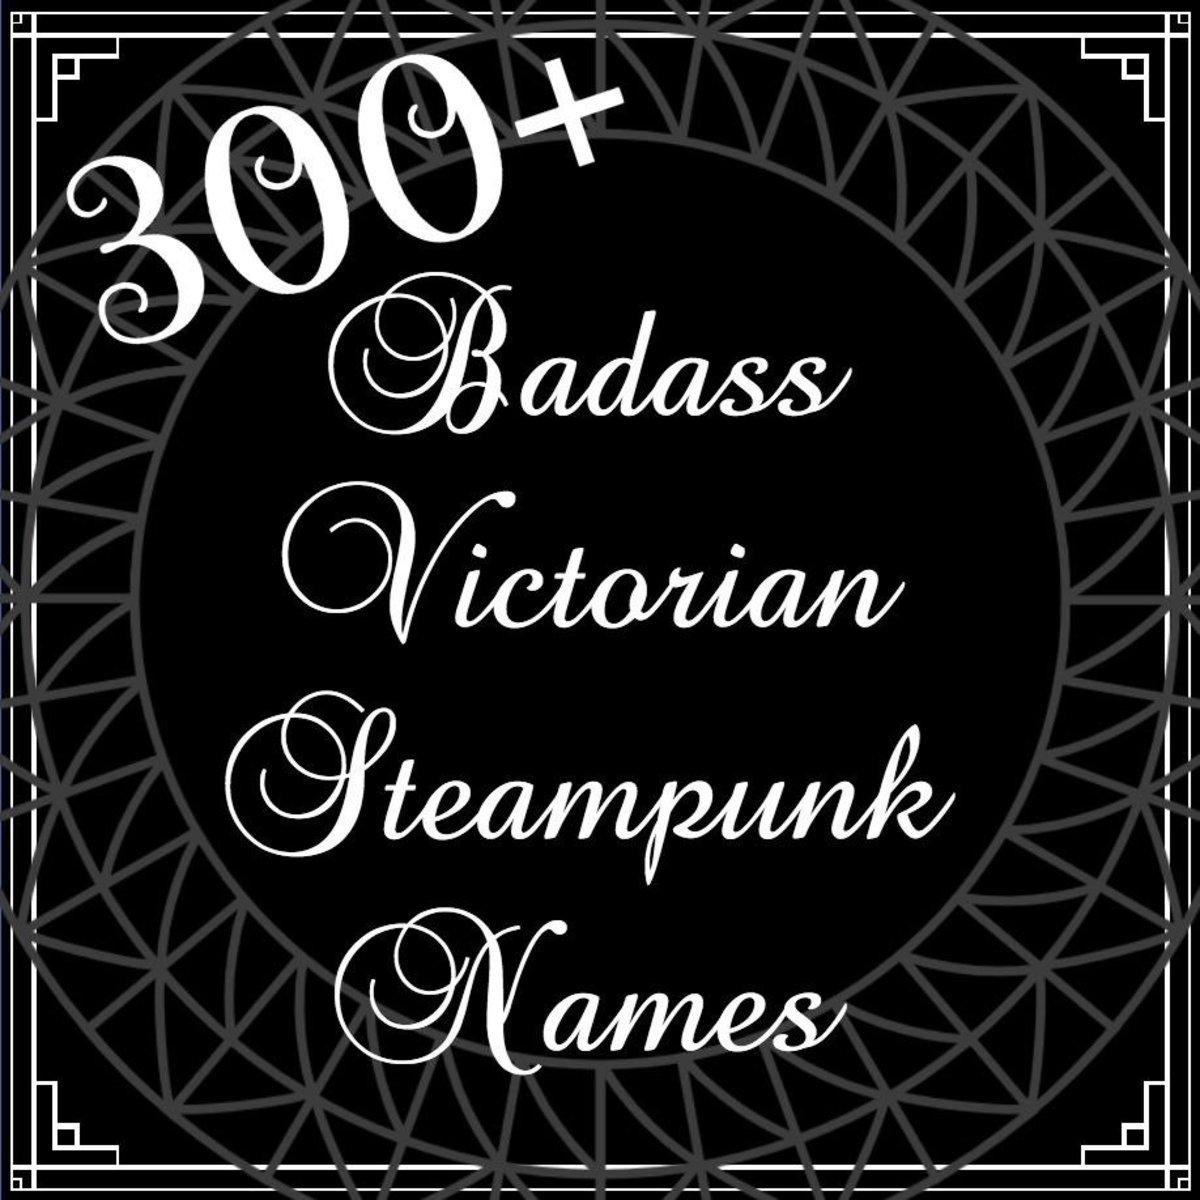 300+ Badass Victorian Steampunk Names